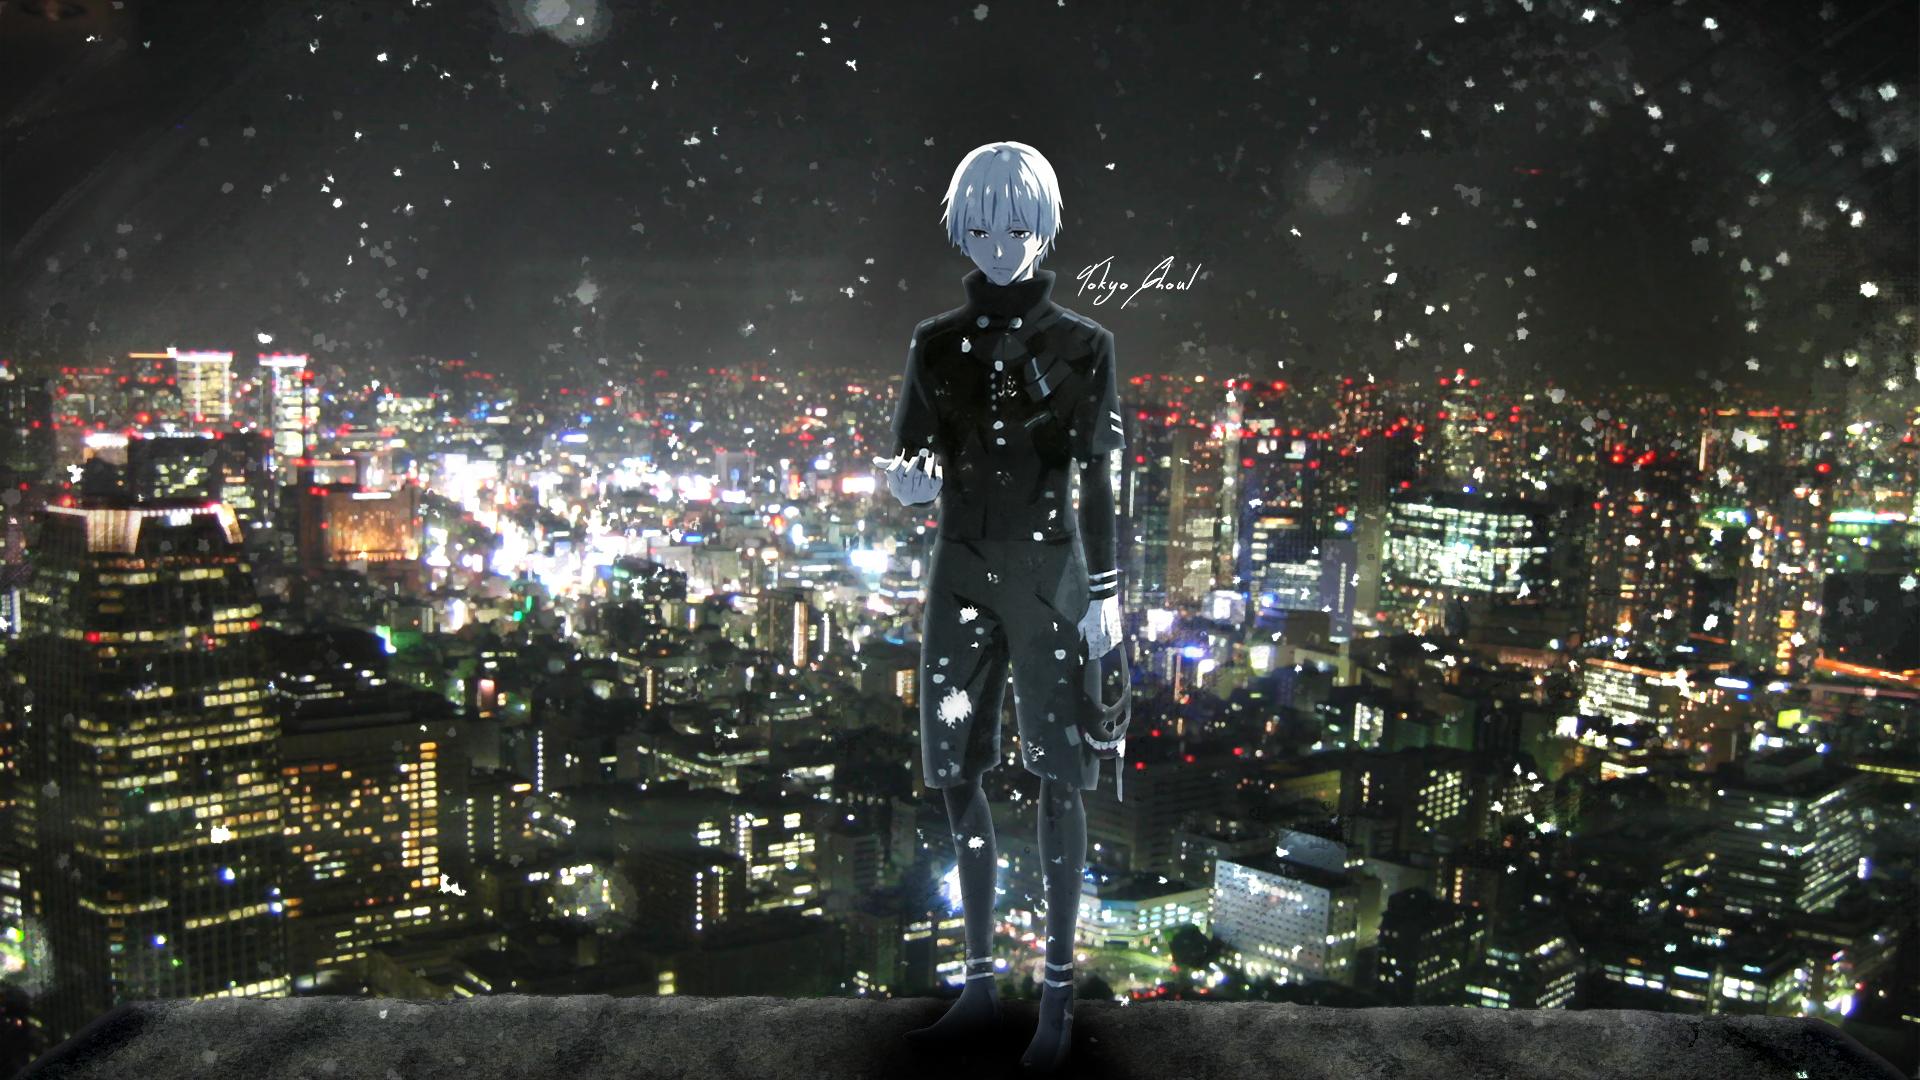 Tokyo Ghoul Hd Wallpaper Steam Workshop Tokyo Ghoul Hd Wallpaper